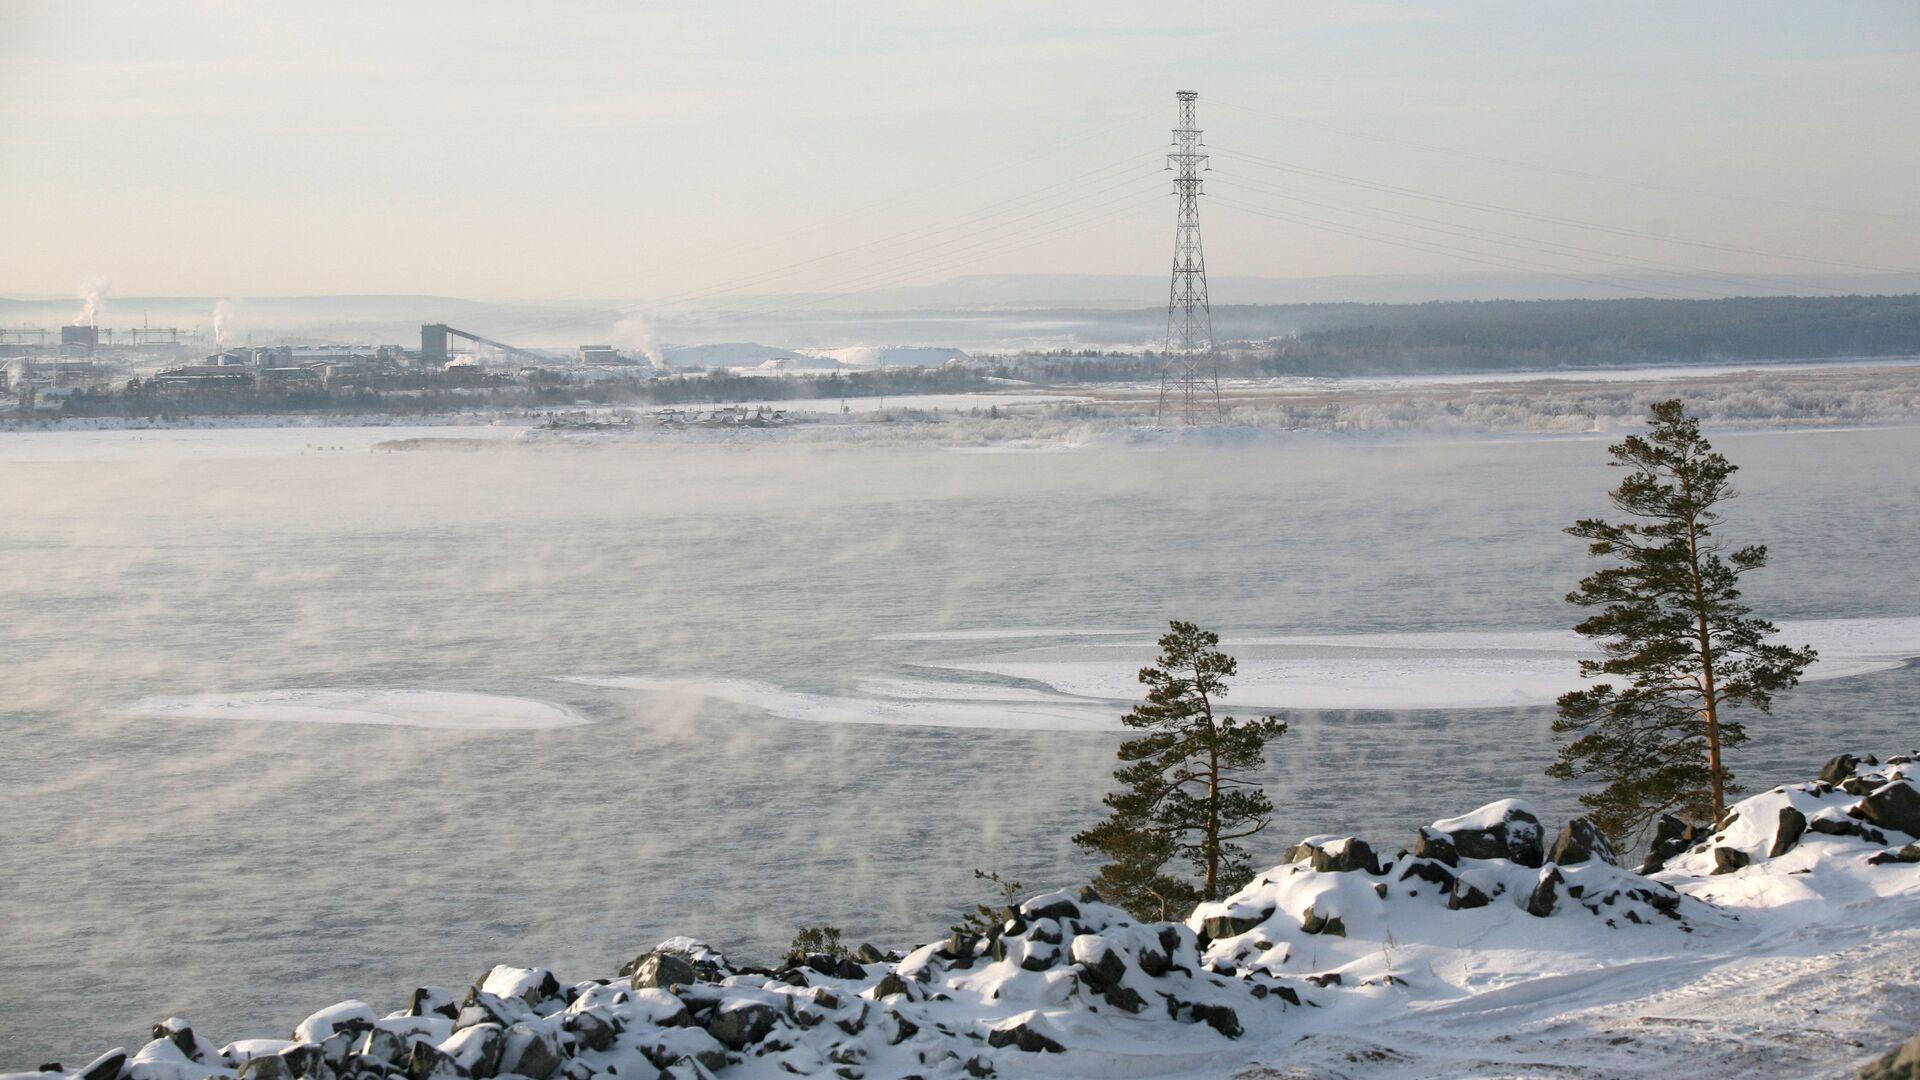 Уровень воды в Ангаре, вышедшей из берегов, снизился на 28 см за сутки